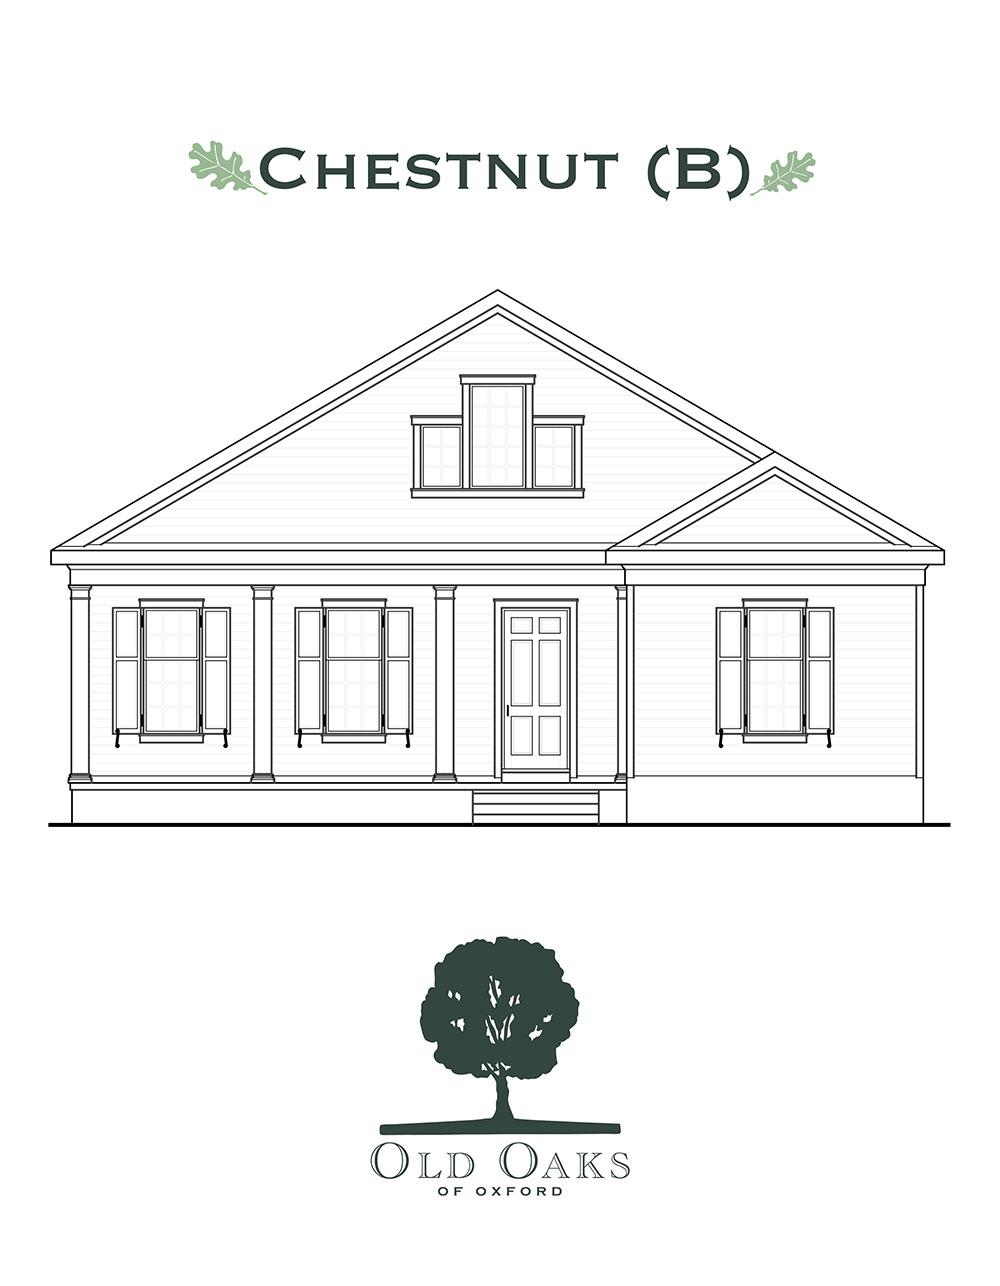 Chestnut (B)